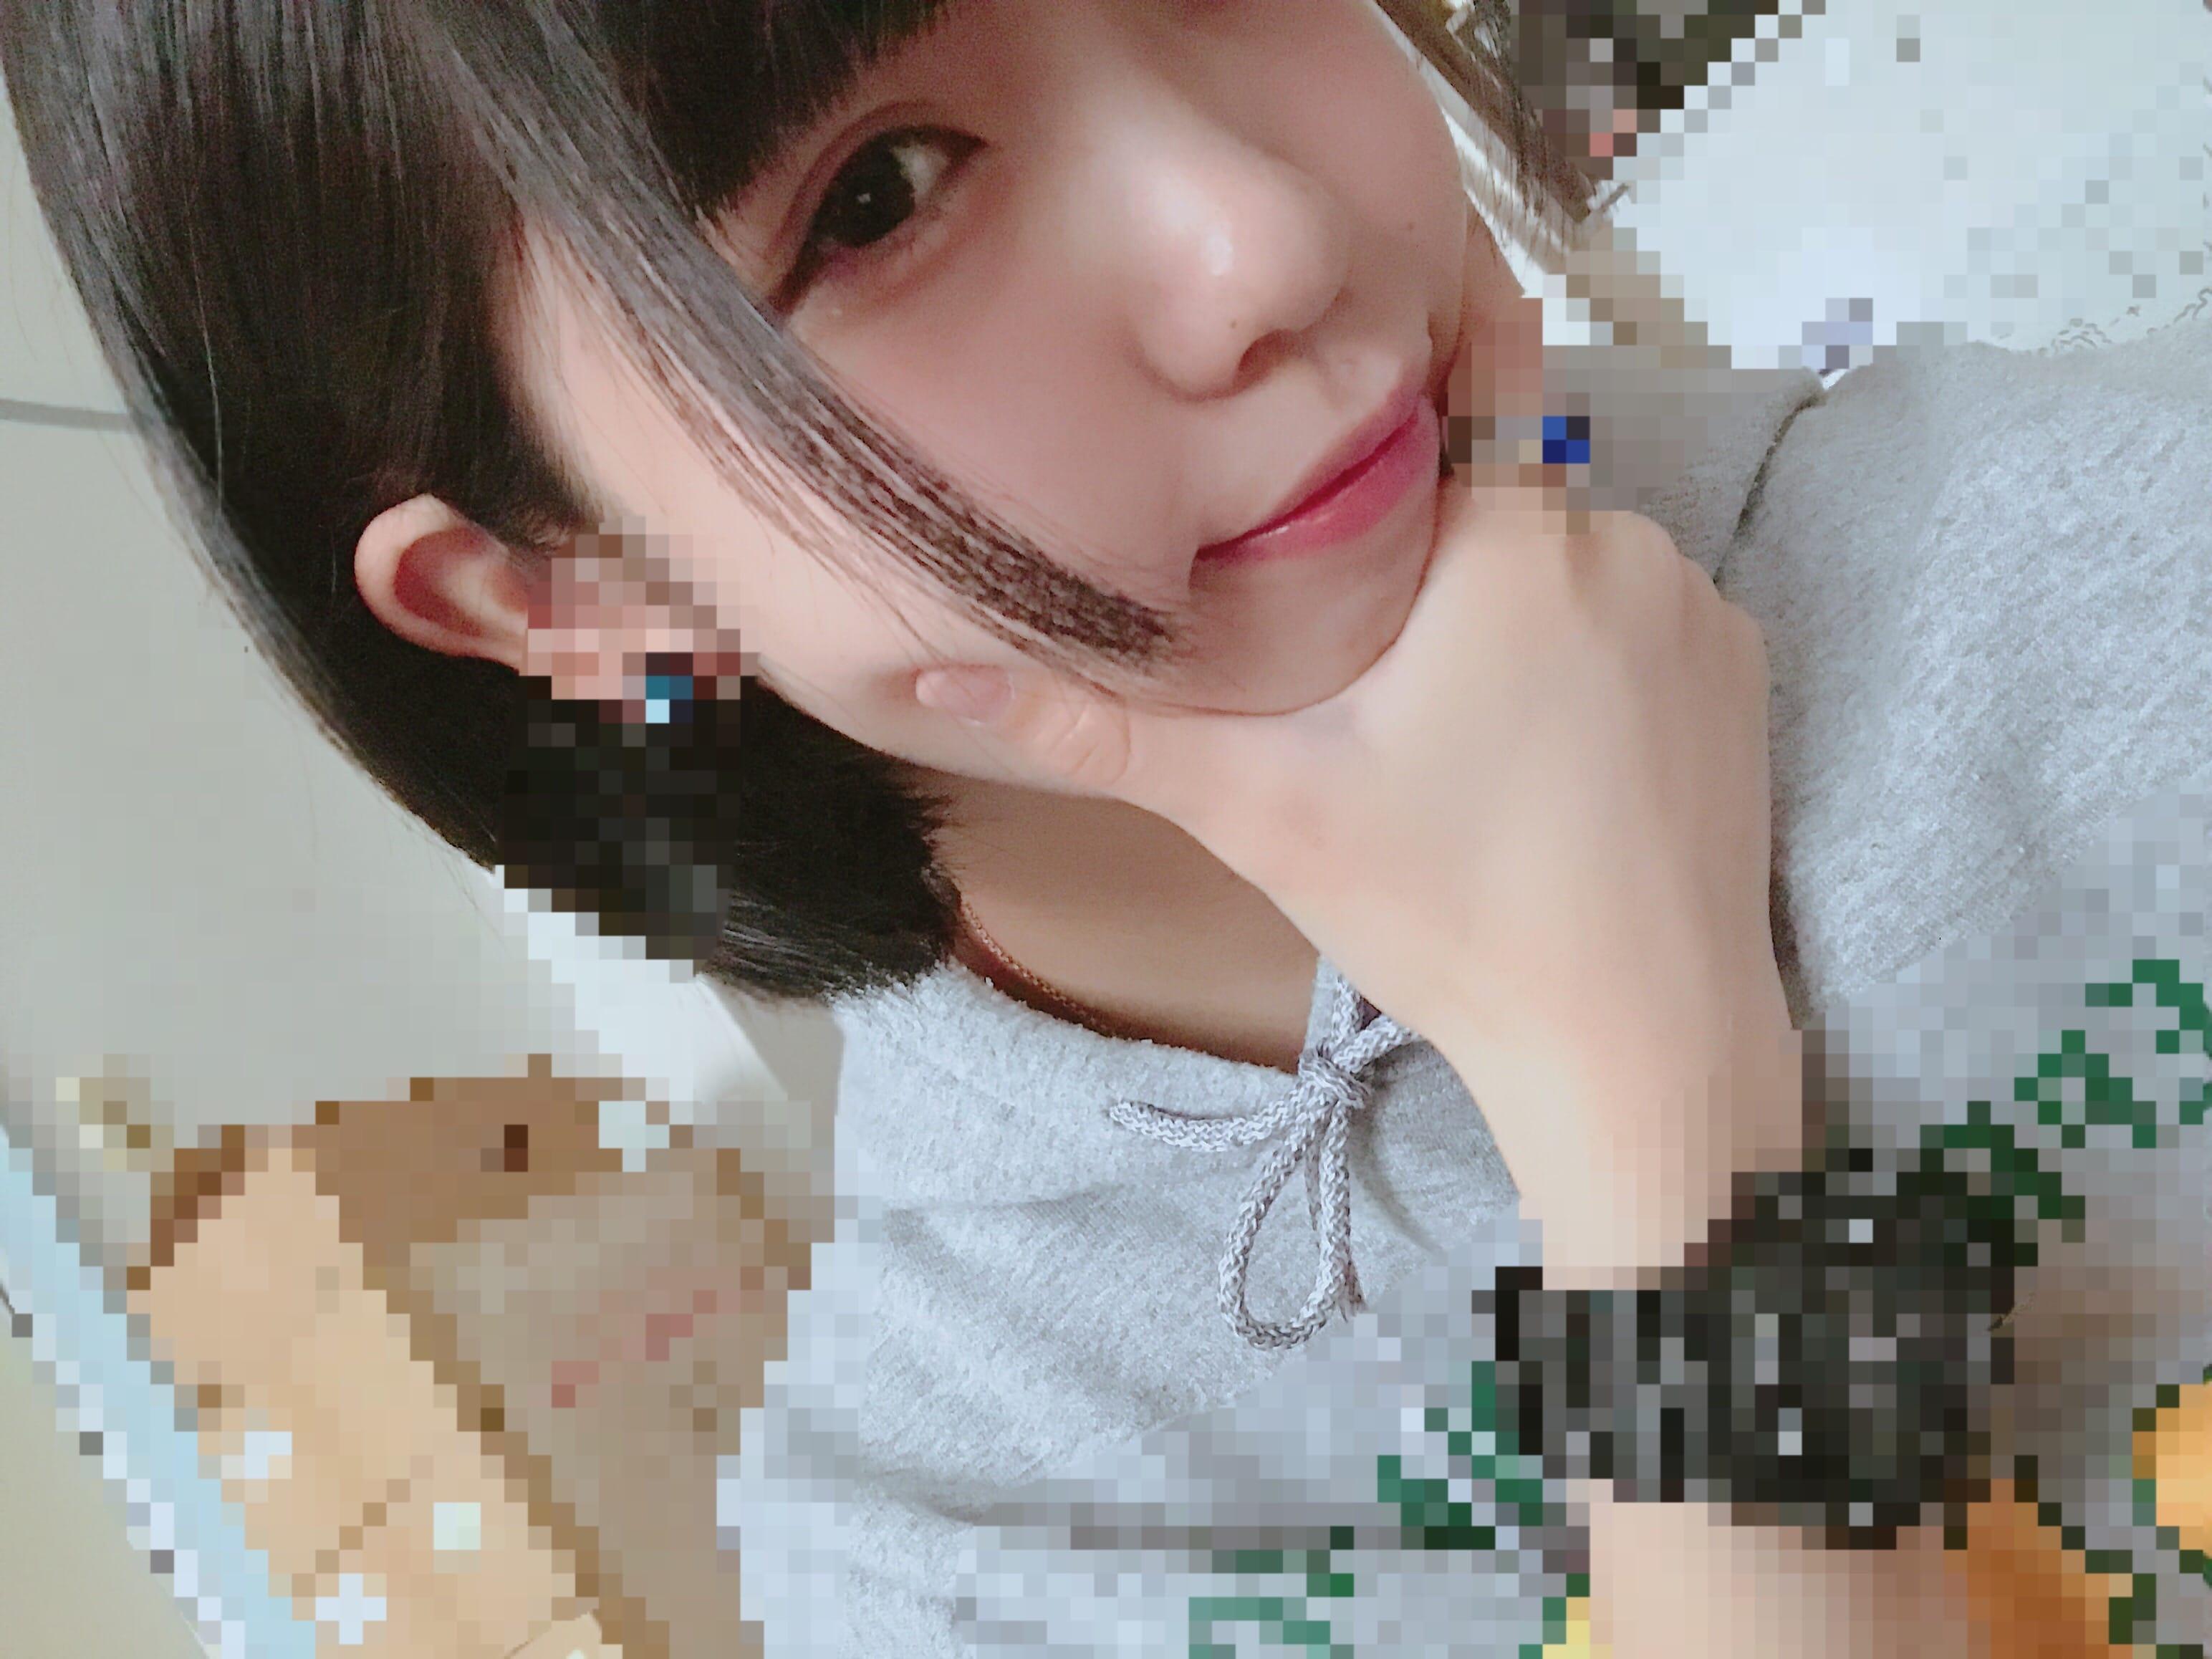 「あやめ」06/21(木) 18:43   あやめの写メ・風俗動画